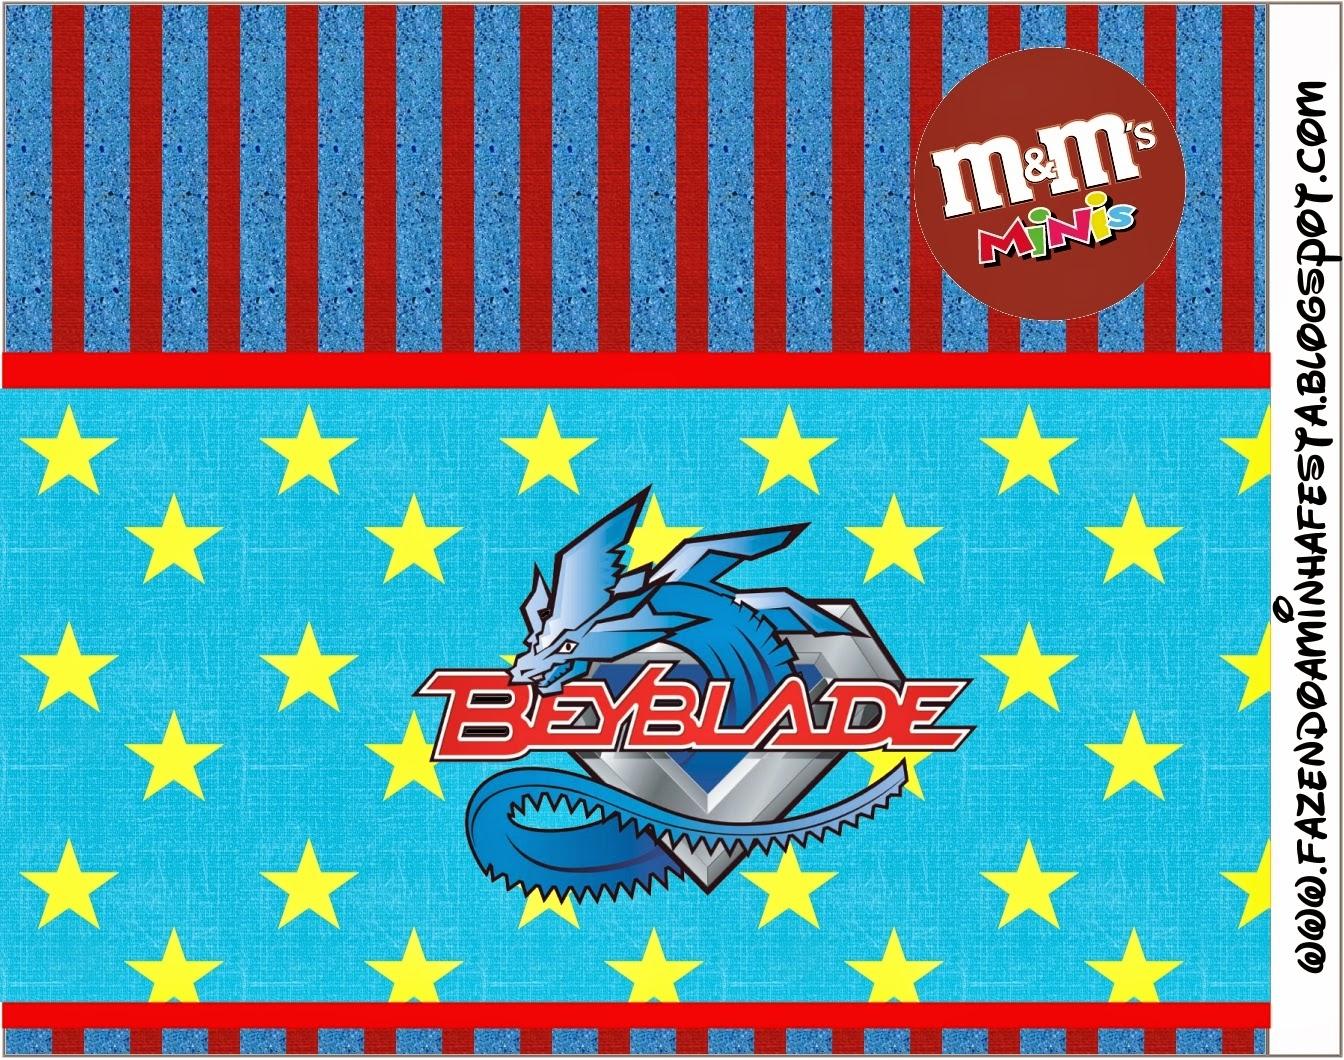 Etiqueta M&M para Imprimir Gratis de Beyblade.